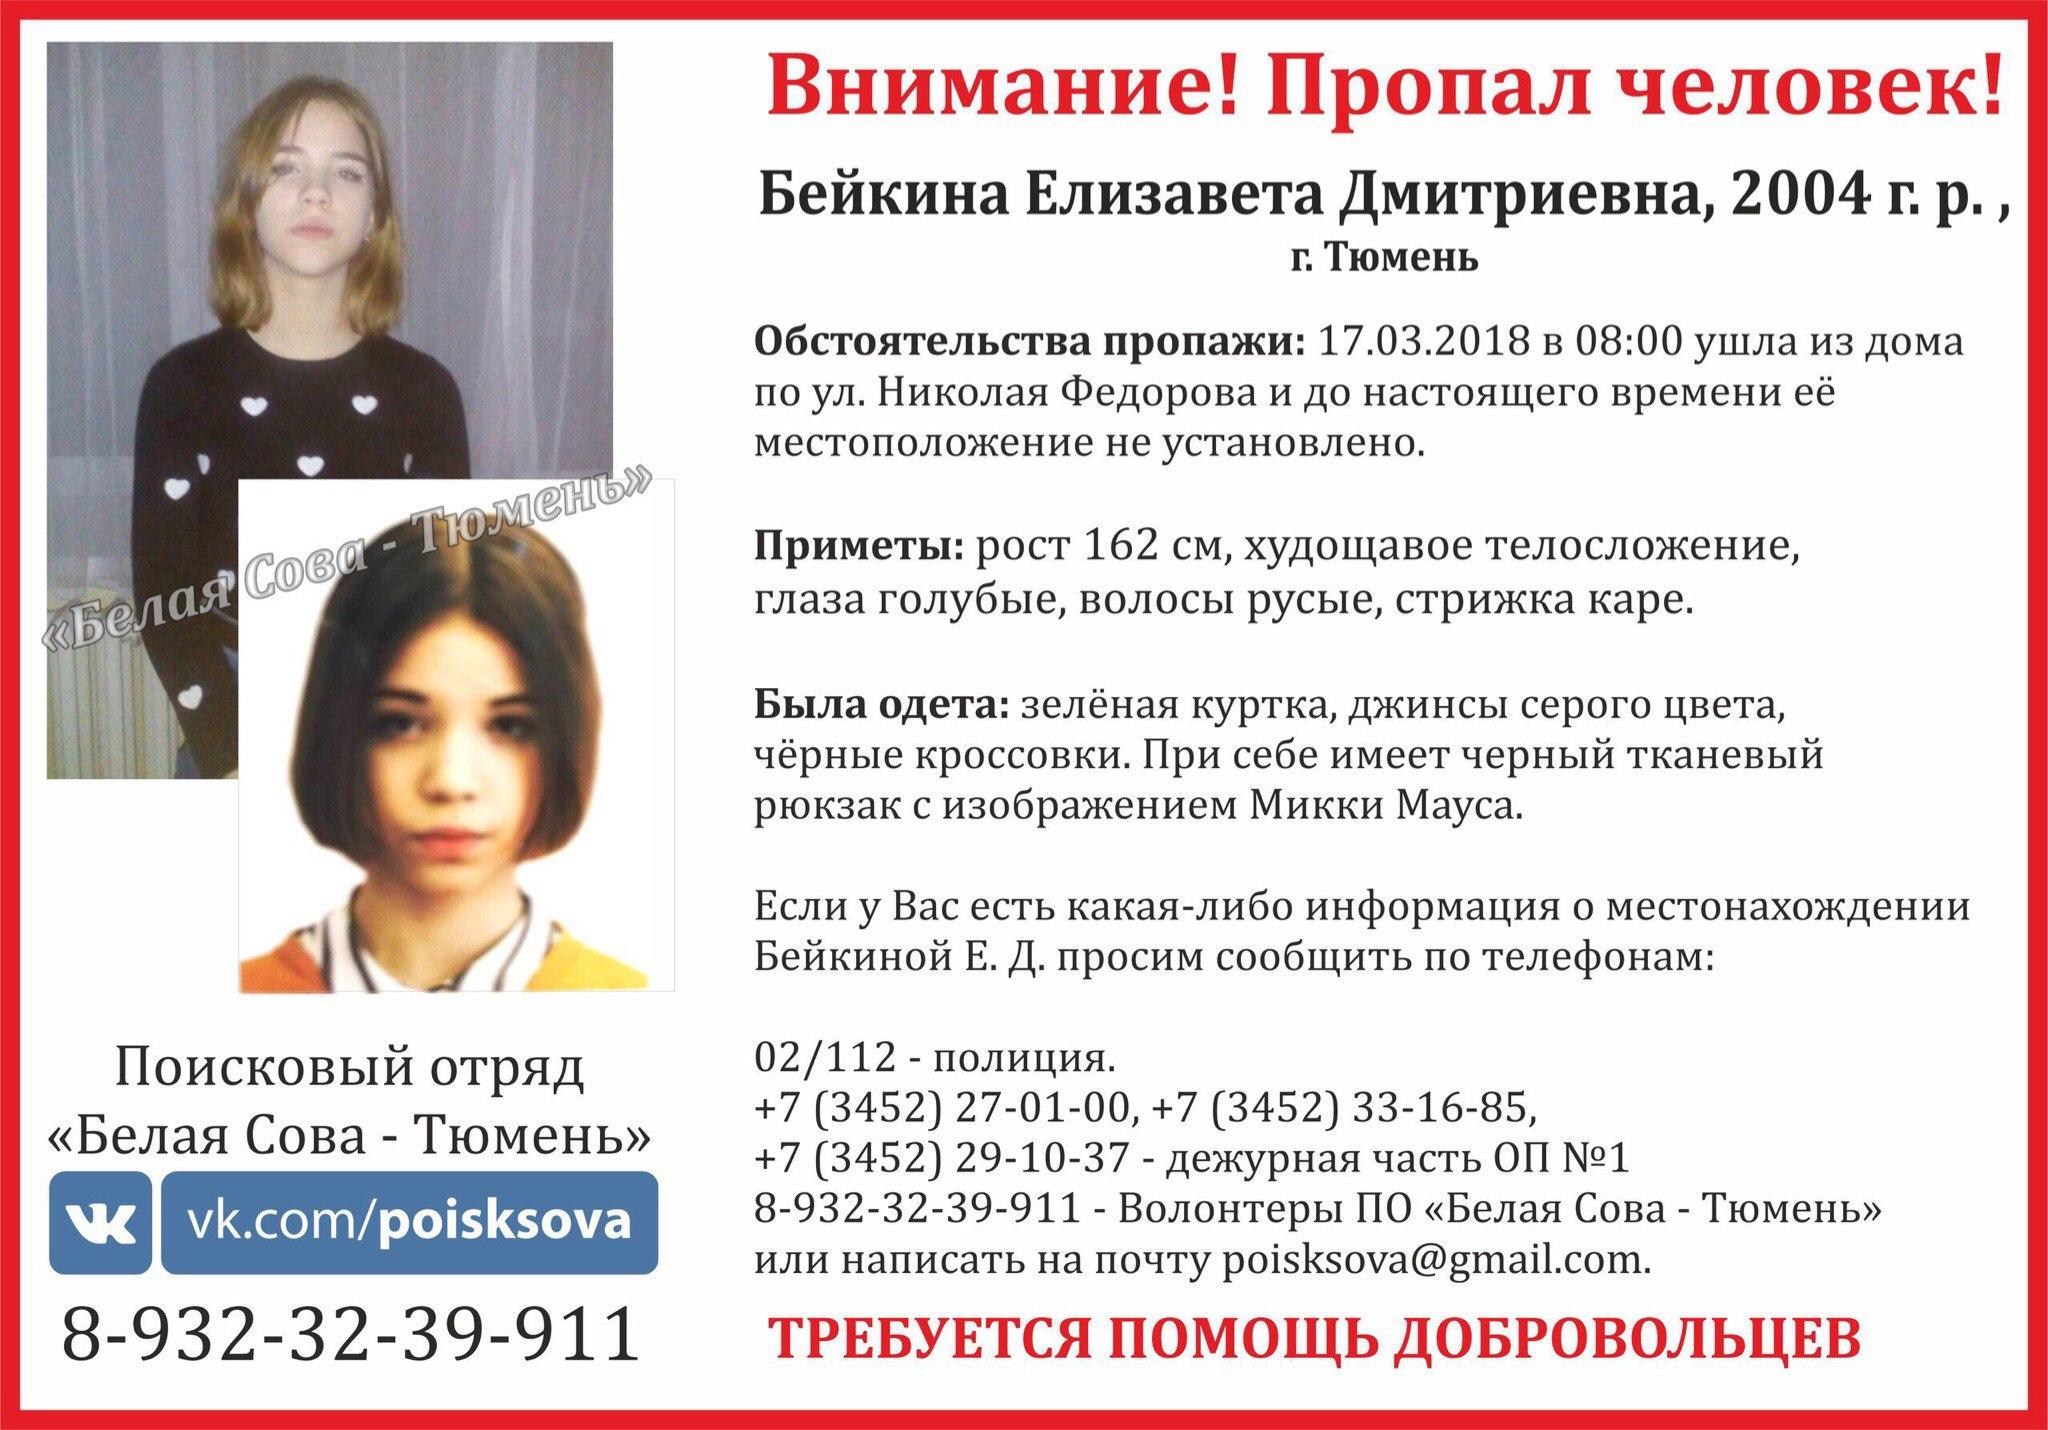 Внимание, розыск: в Тюмени пропала девочка-подросток (ФОТО) 2